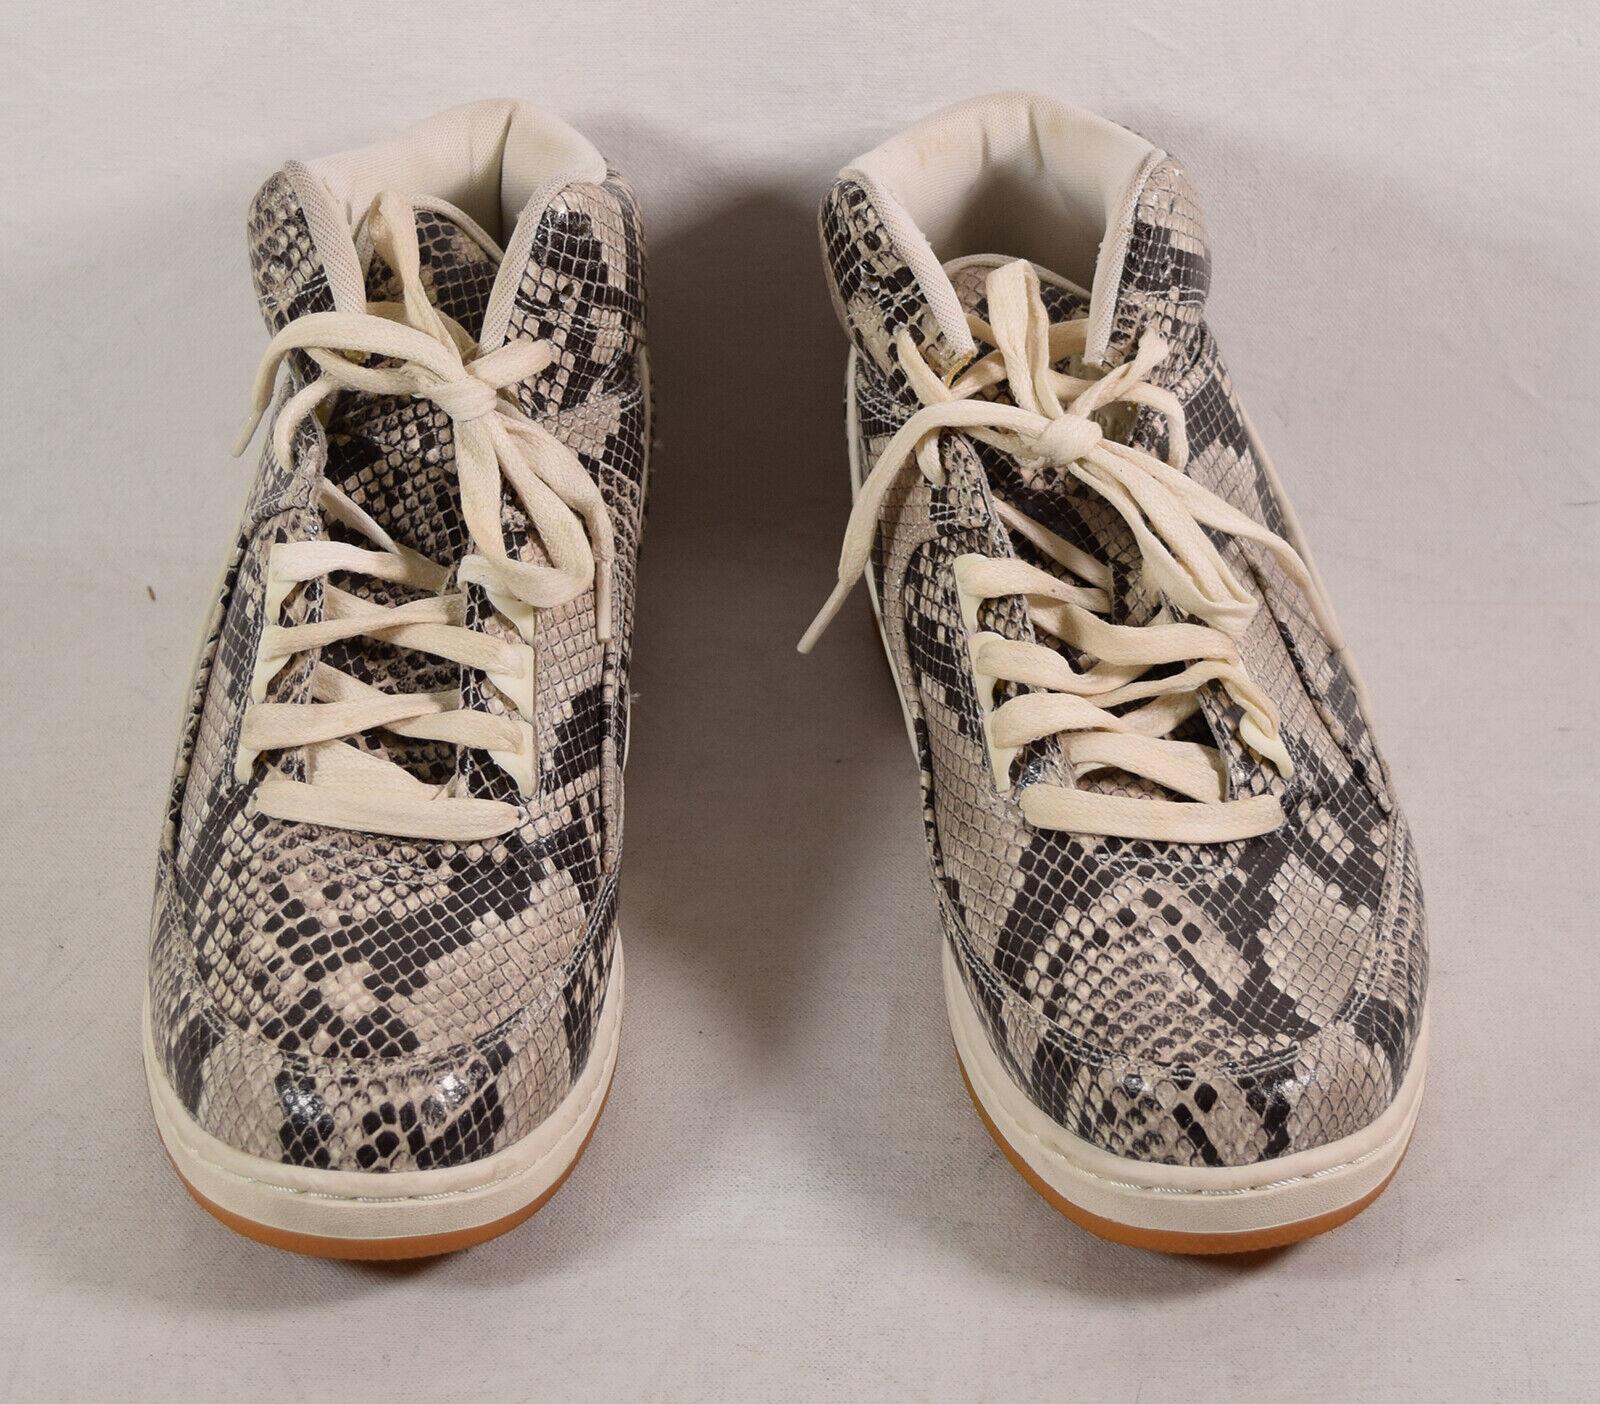 Nike Air Python PRM Sneakers Slate Brown Snakeskin 11 Mens 705066